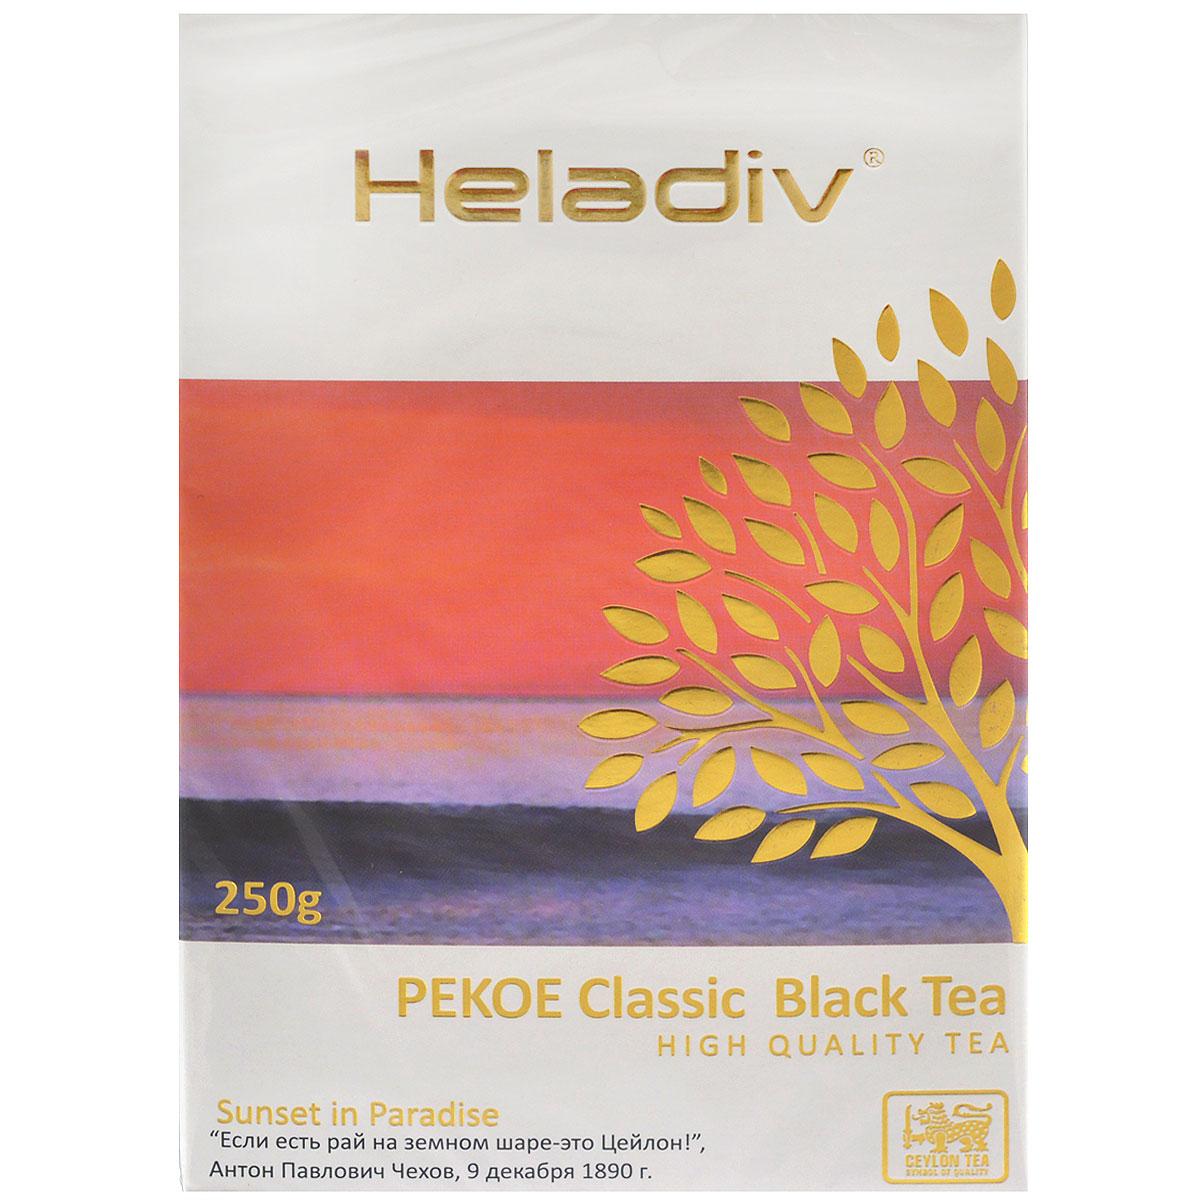 Heladiv Pekoe чай черный листовой, 250 г0120710Heladiv Pekoe - крепкий тонизирующий чай ПЕКО из молодых, специально скрученных верхних листьев. Для усиления его тонизирующих свойств отборный крупный лист подвергают специальной обработке. Обладает насыщенным медным прозрачным настоем и слегка терпким вкусом.